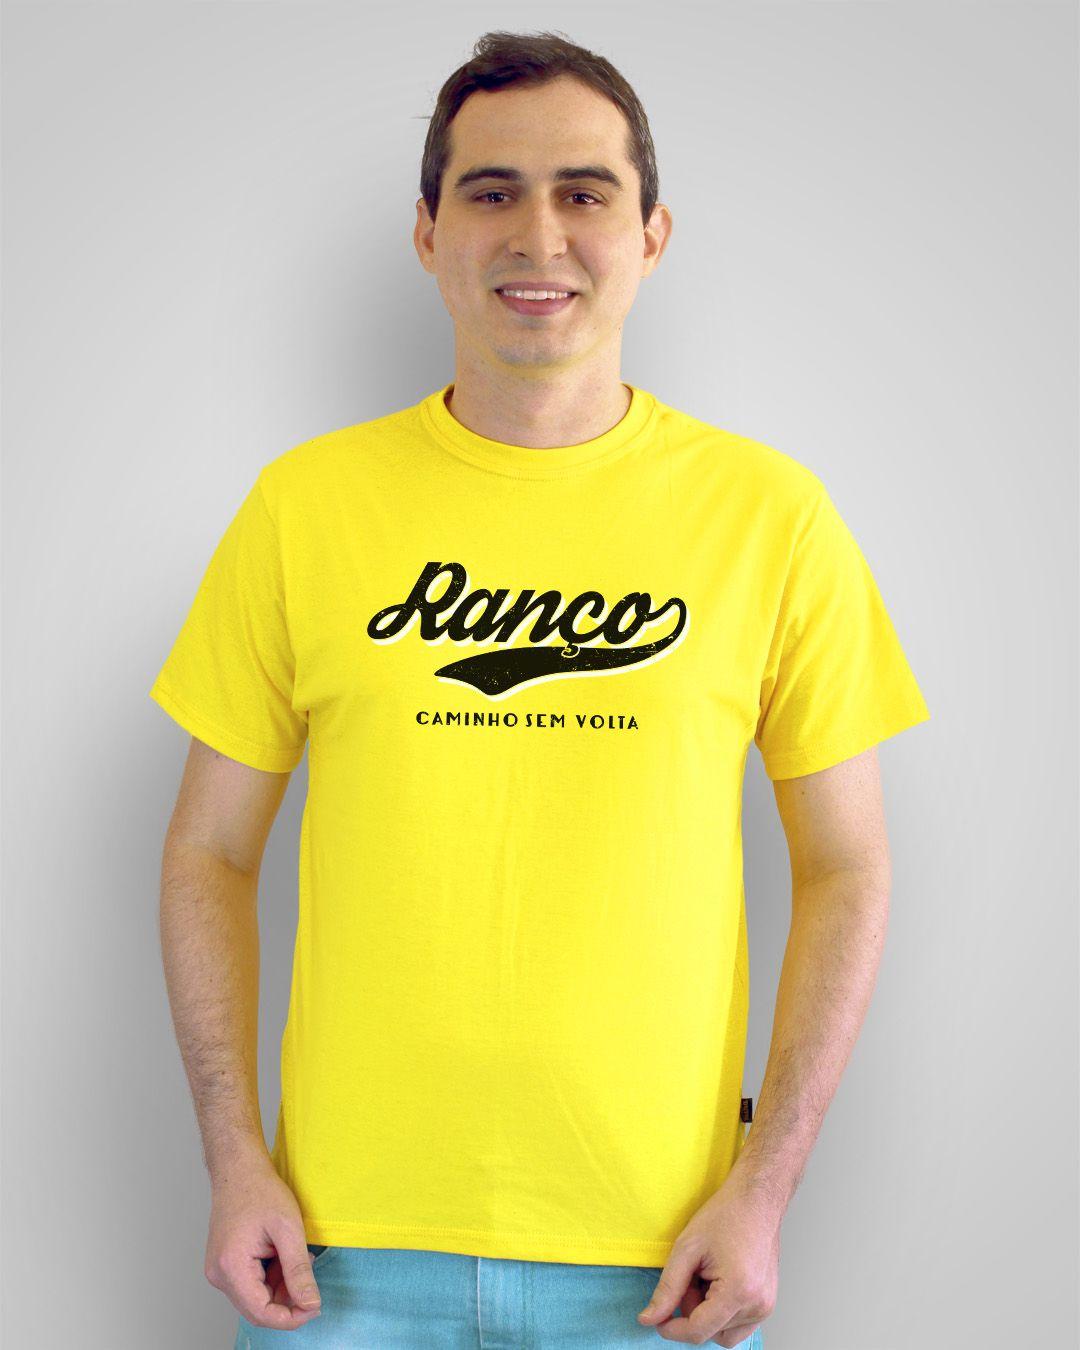 Camiseta Ranço, caminho sem volta